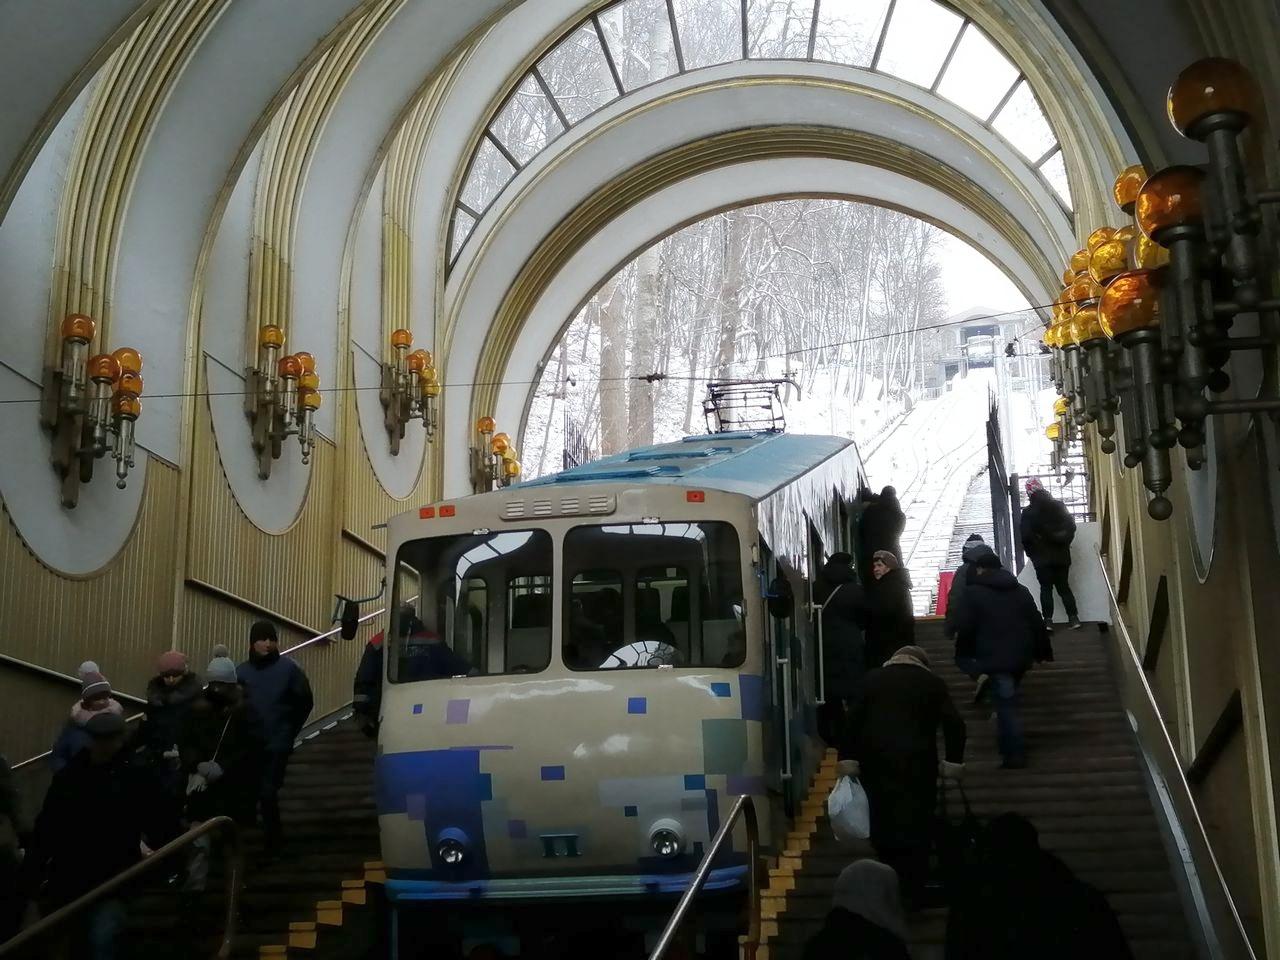 El trayecto en funicular, que une la parta baja y alta de la ciudad, es económico.